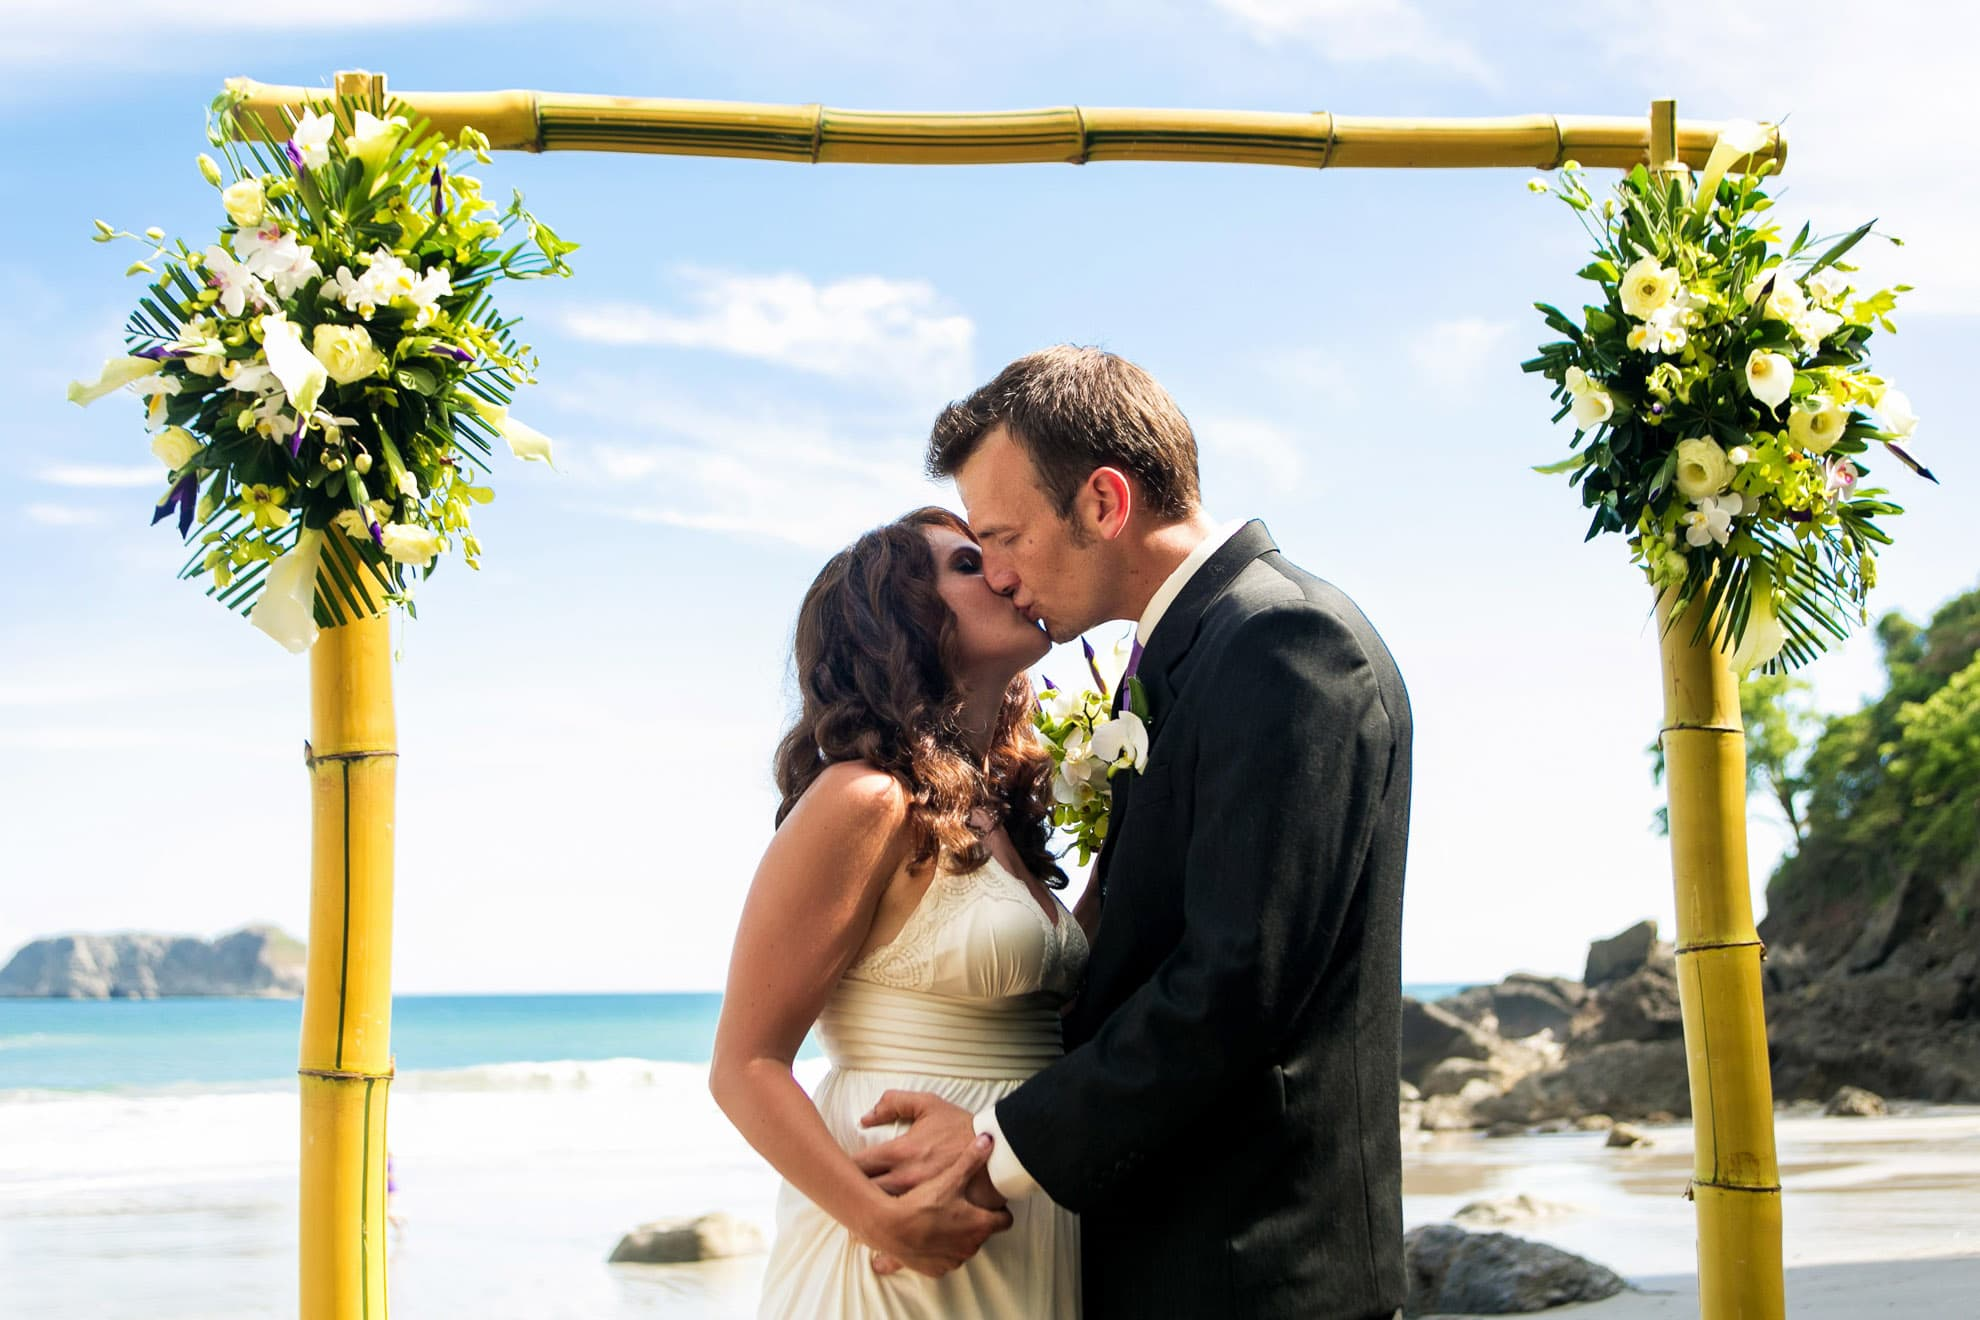 Beach wedding at Areas del Mar, Manuel Antonio.